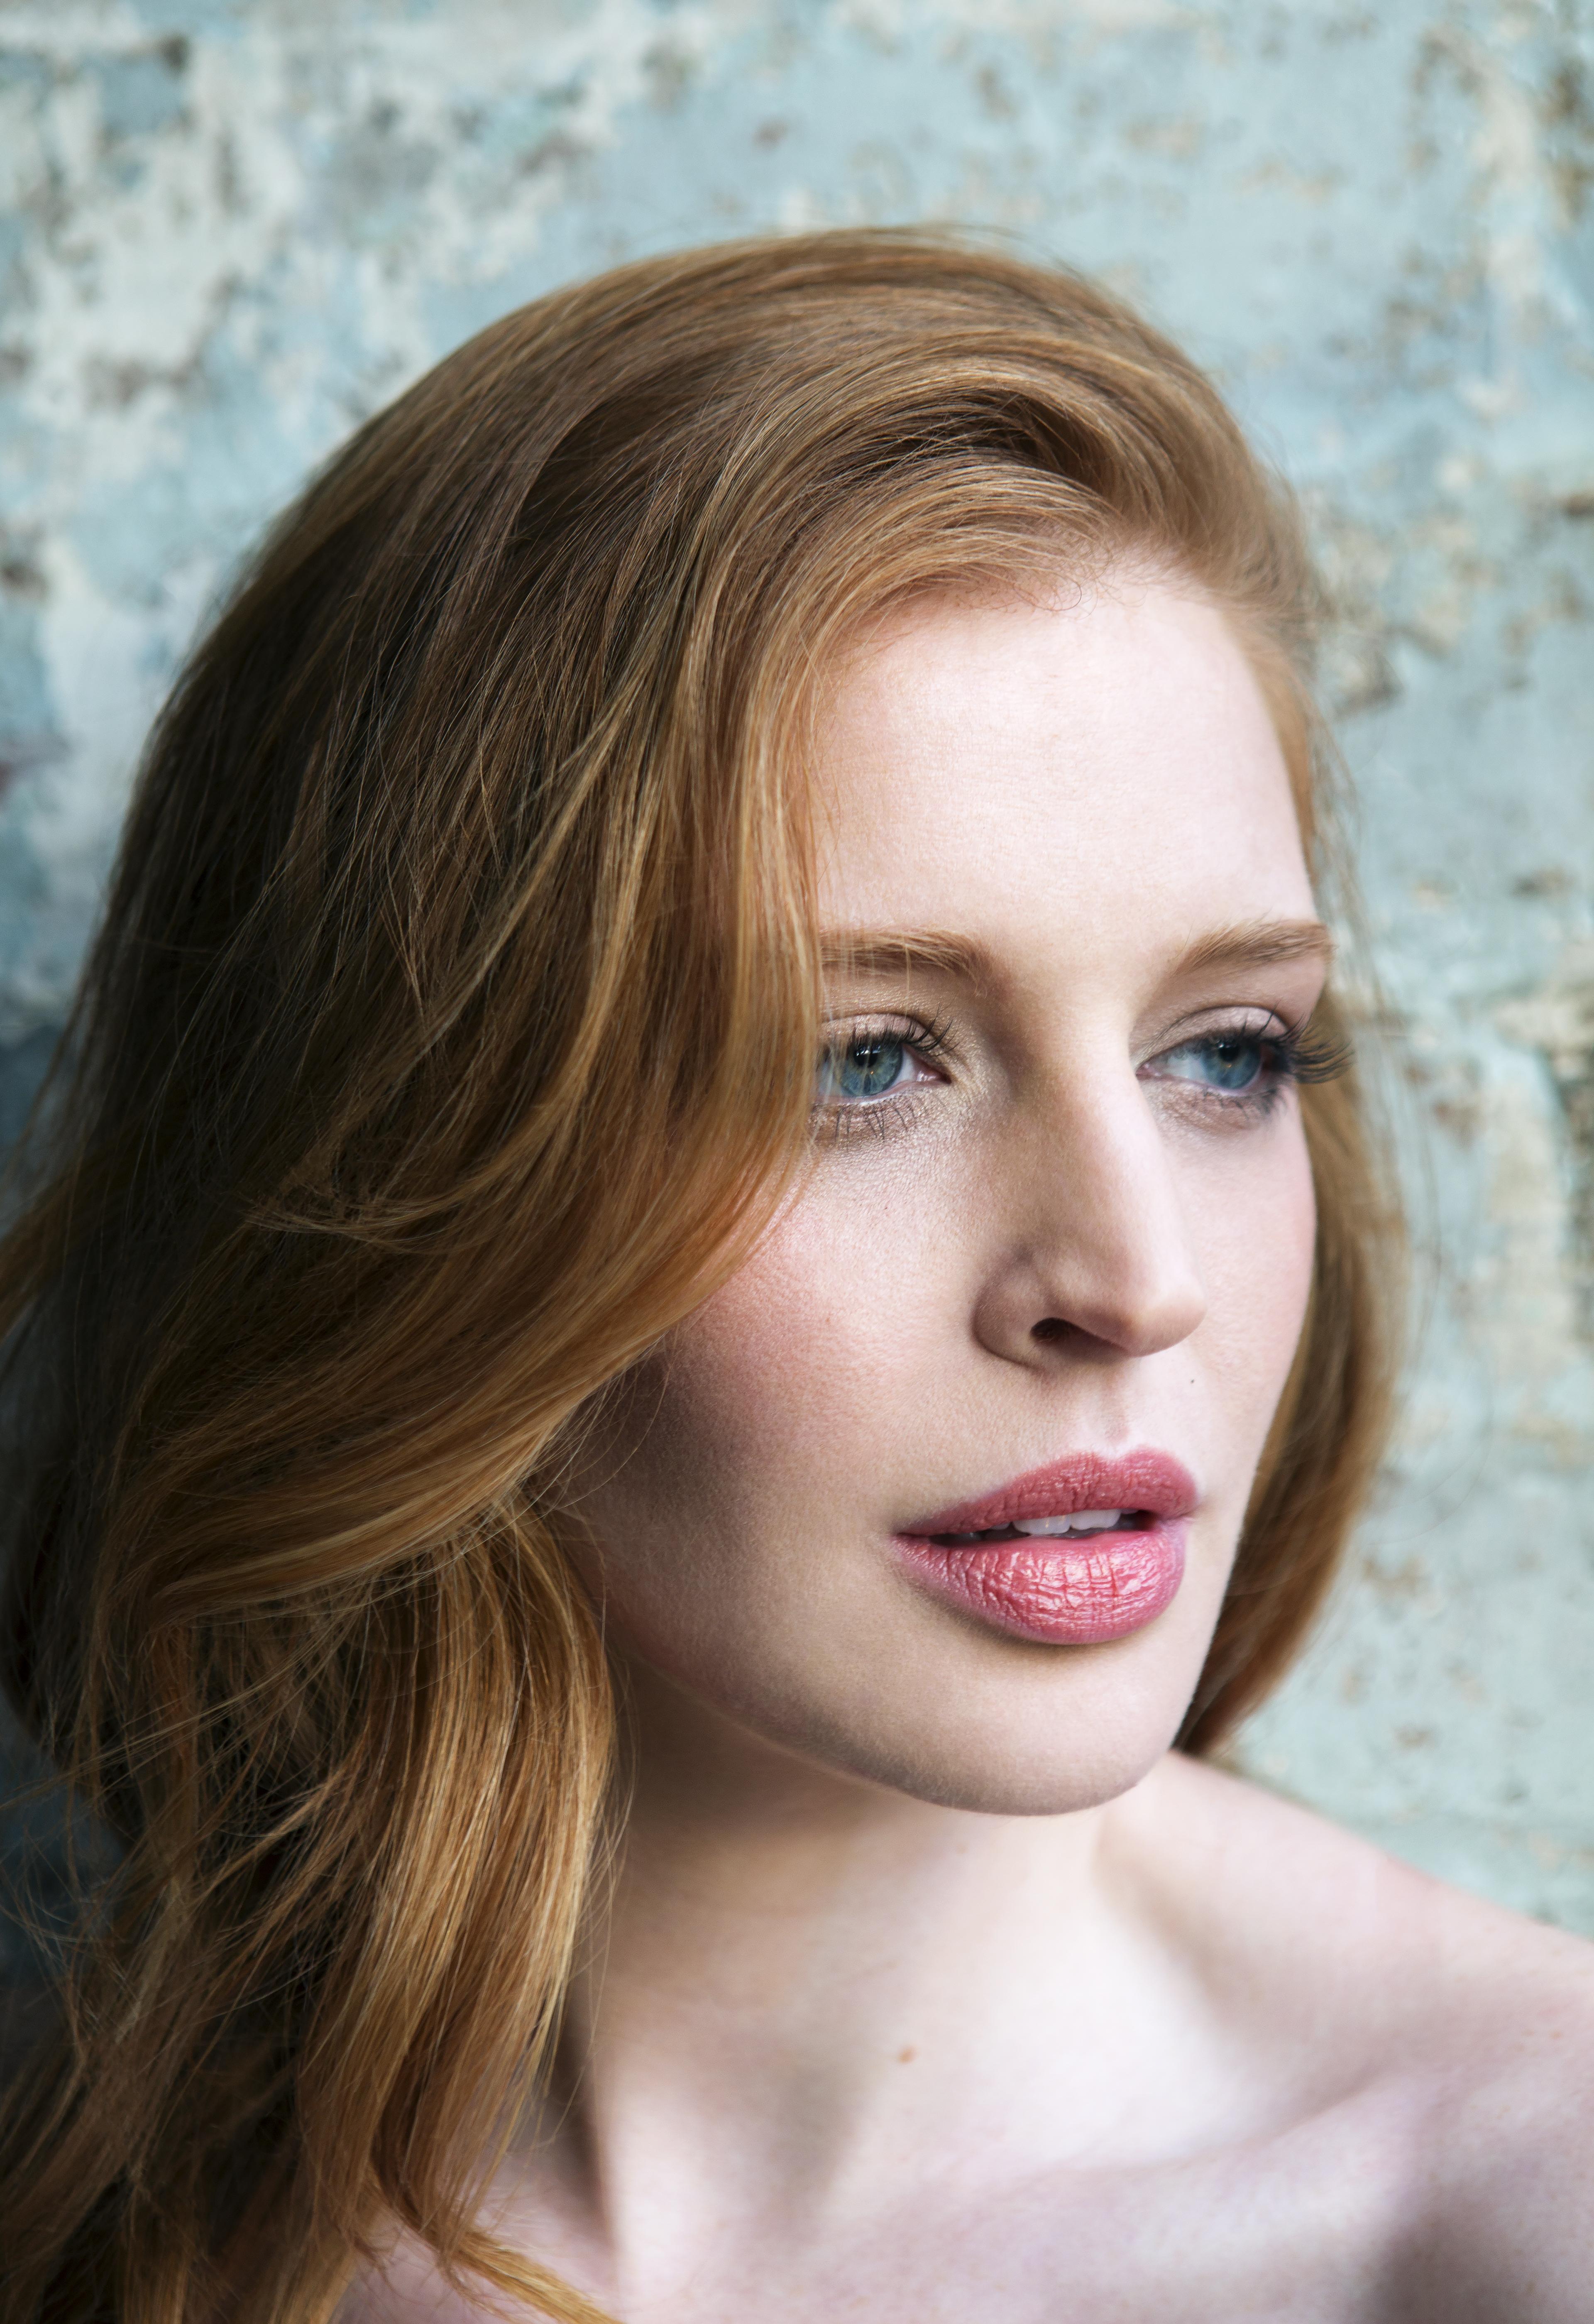 Olivia Haskins